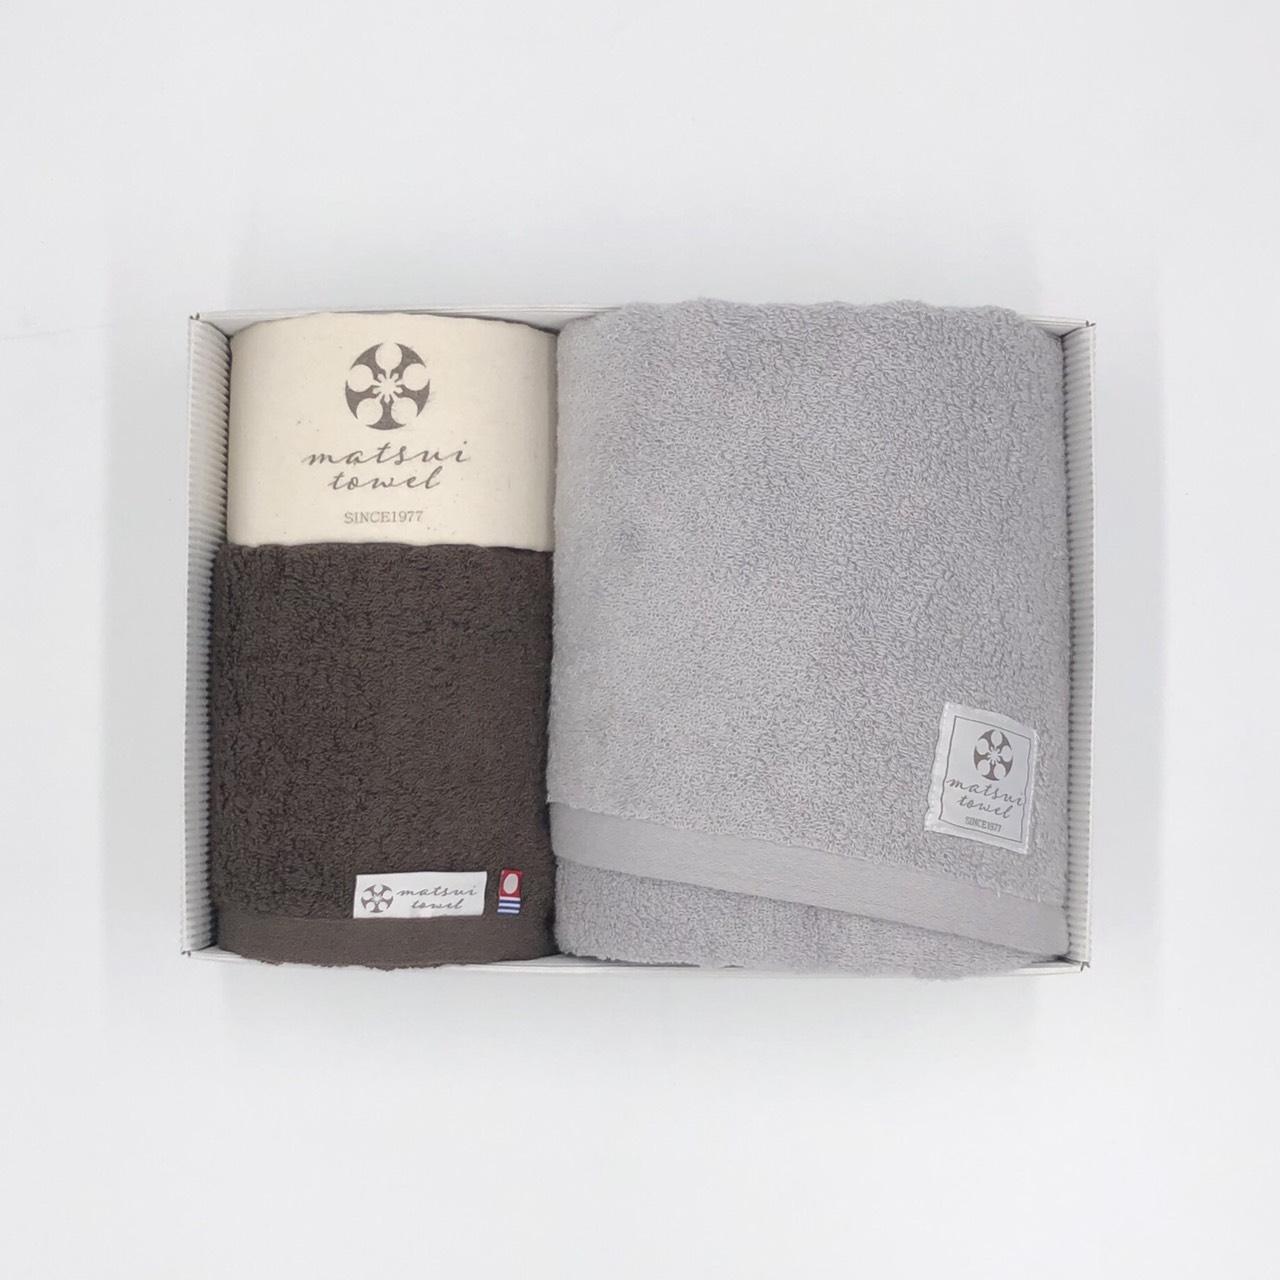 【ギフトボックス入り】内祝いや結婚祝いにおすすめ!大切な人に贈りたいおしゃれで上質なタオルギフト 日本製 今治タオル バスタオル1枚+フェイスタオル1枚 おすすめ2色セット 布袋つき Beaute ボーテ